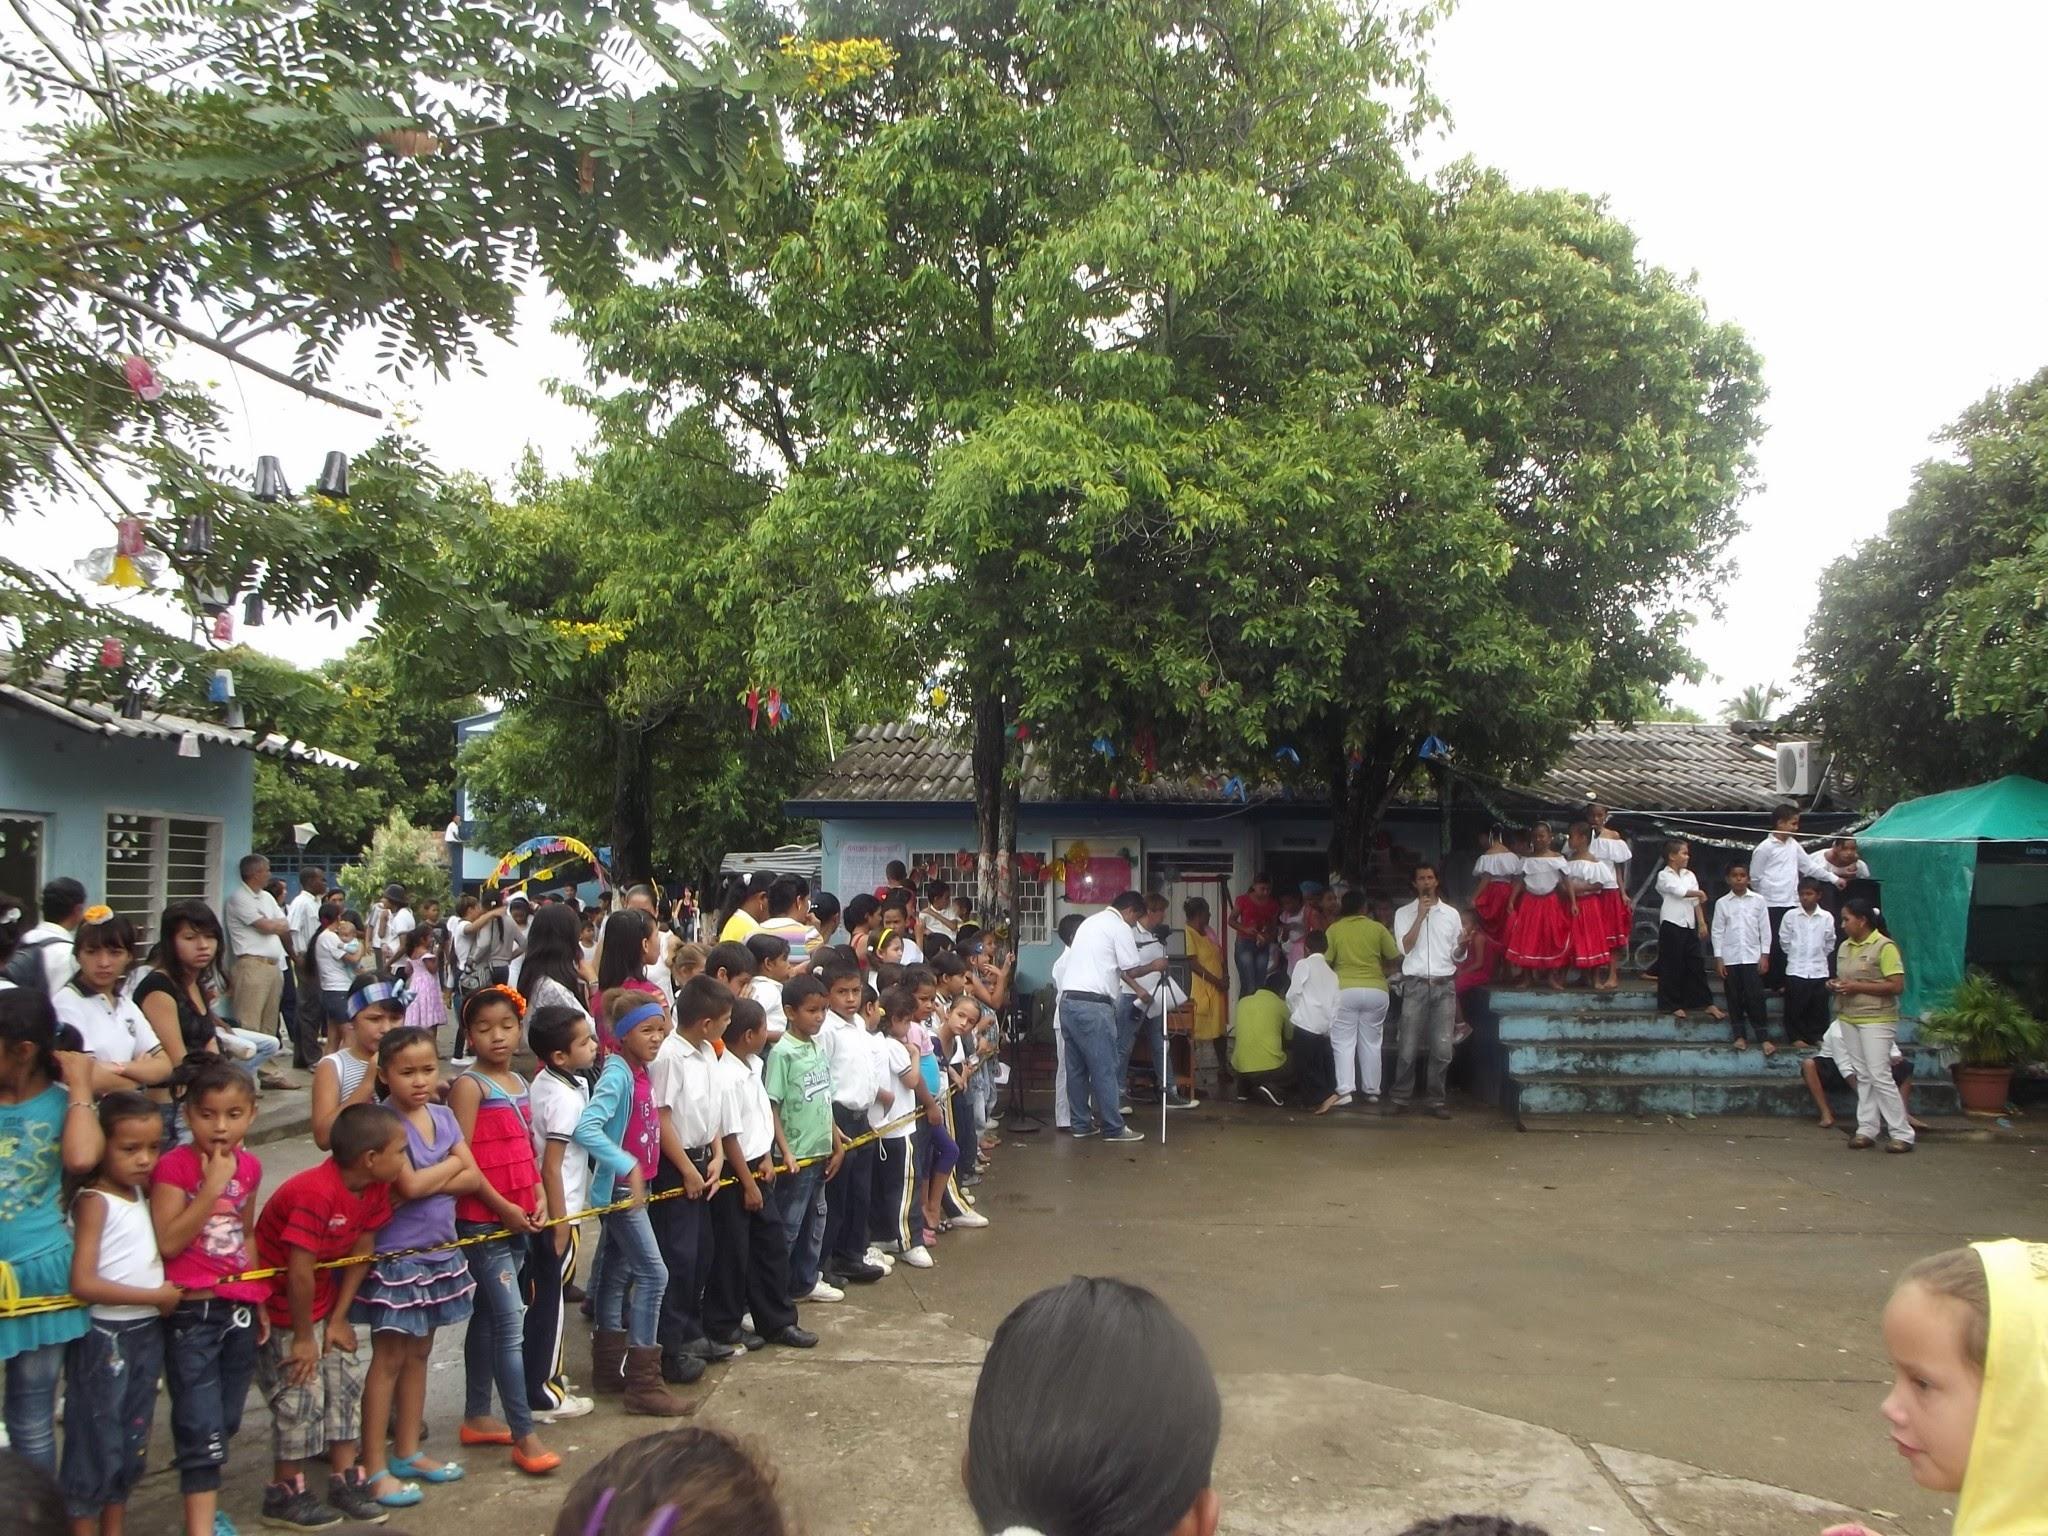 Llegarán docentes para el Colegio Puente Sogamoso. Nombramiento se hará por acto administrativo   EL FRENTE